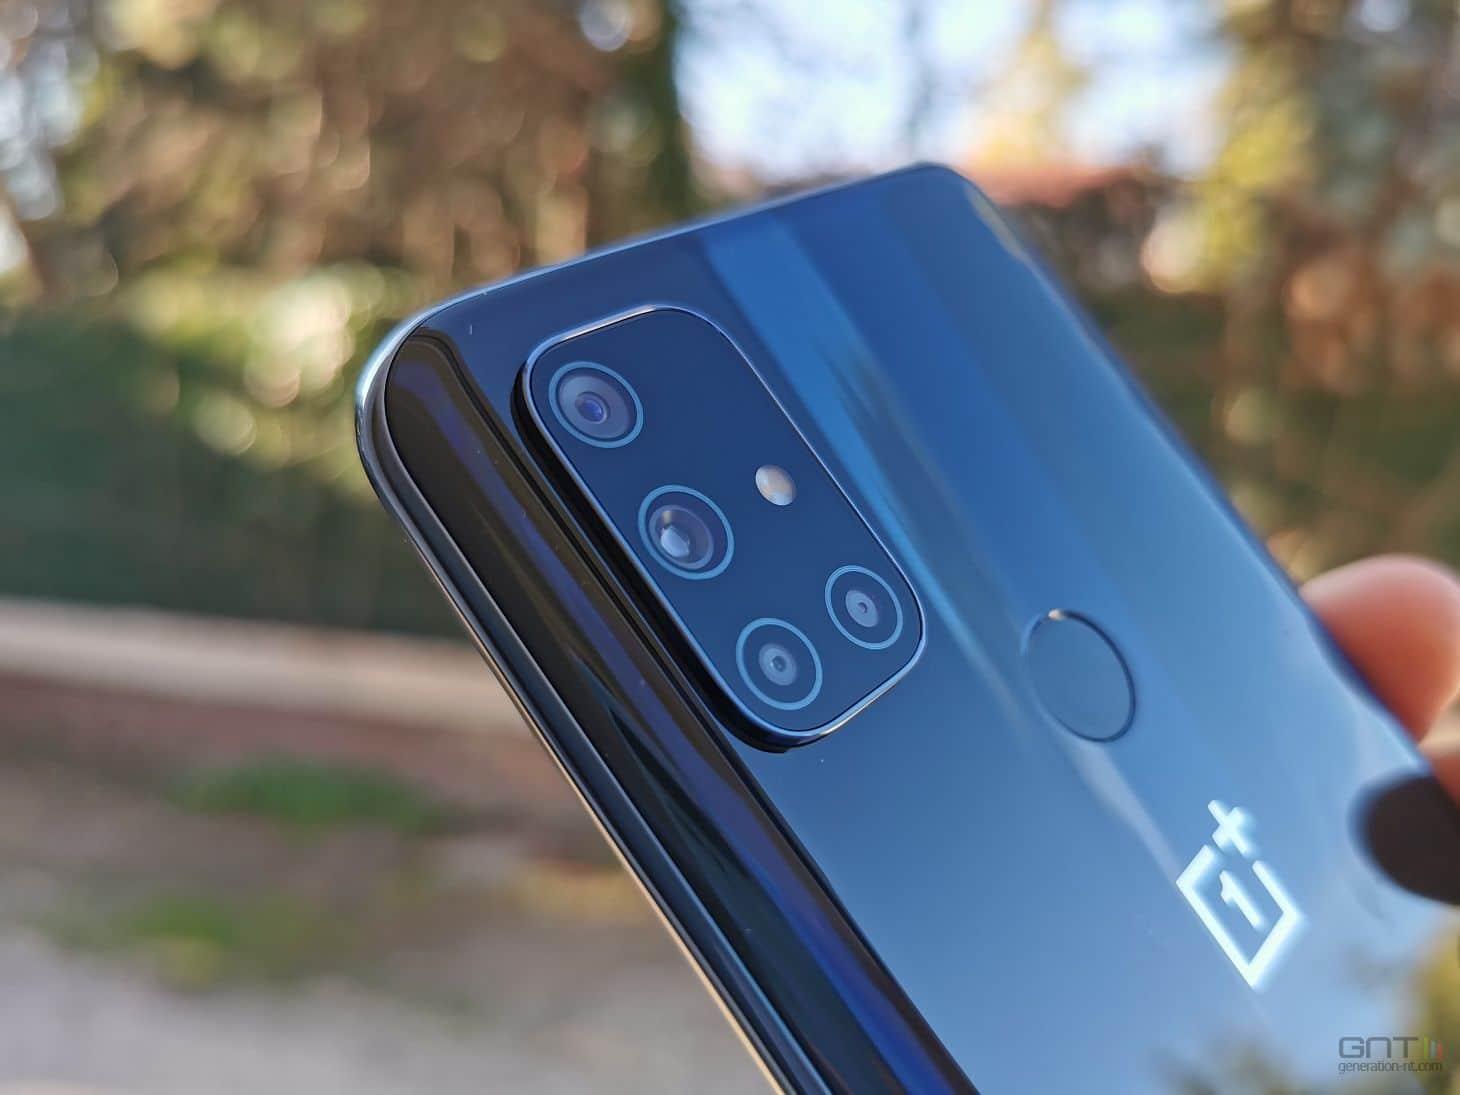 , OnePlus Nord N1 5G prochain milieu de gamme de la marque